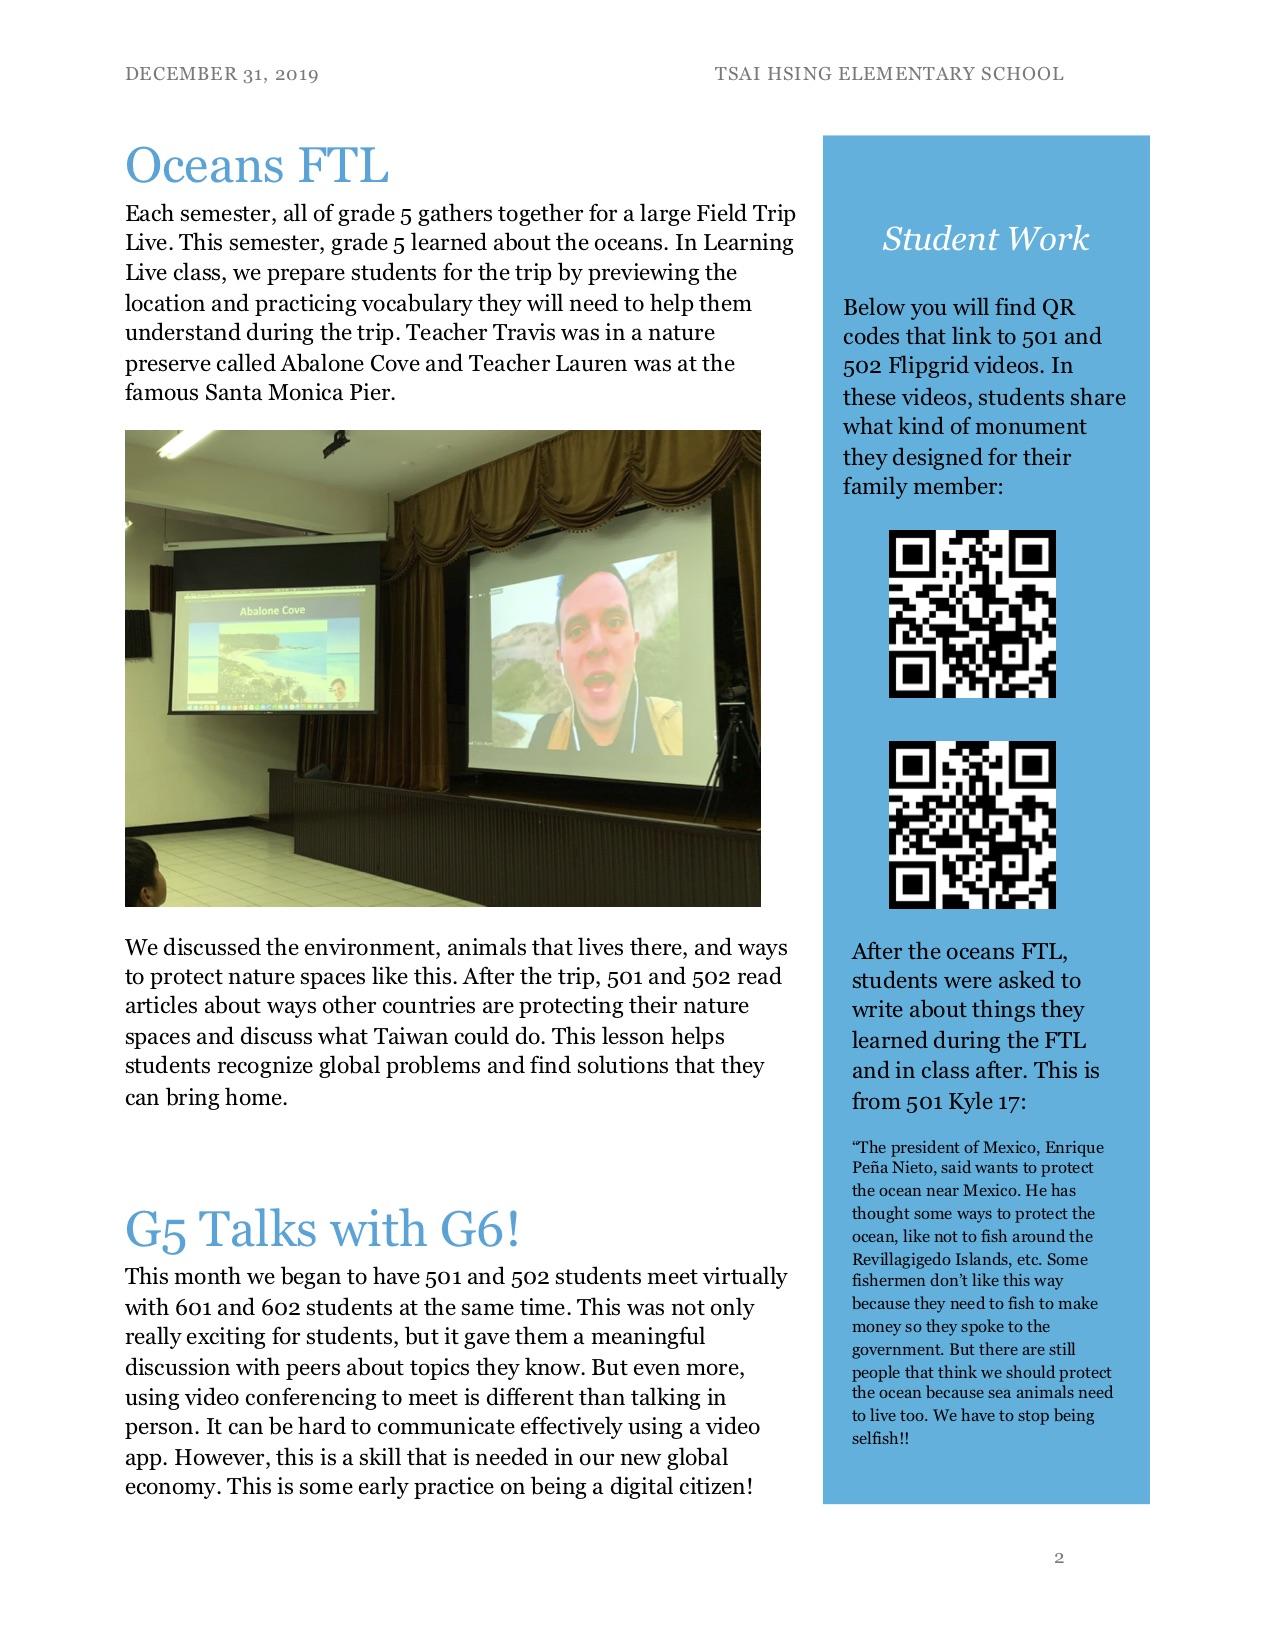 G5 December Newsletter PDF2.jpg